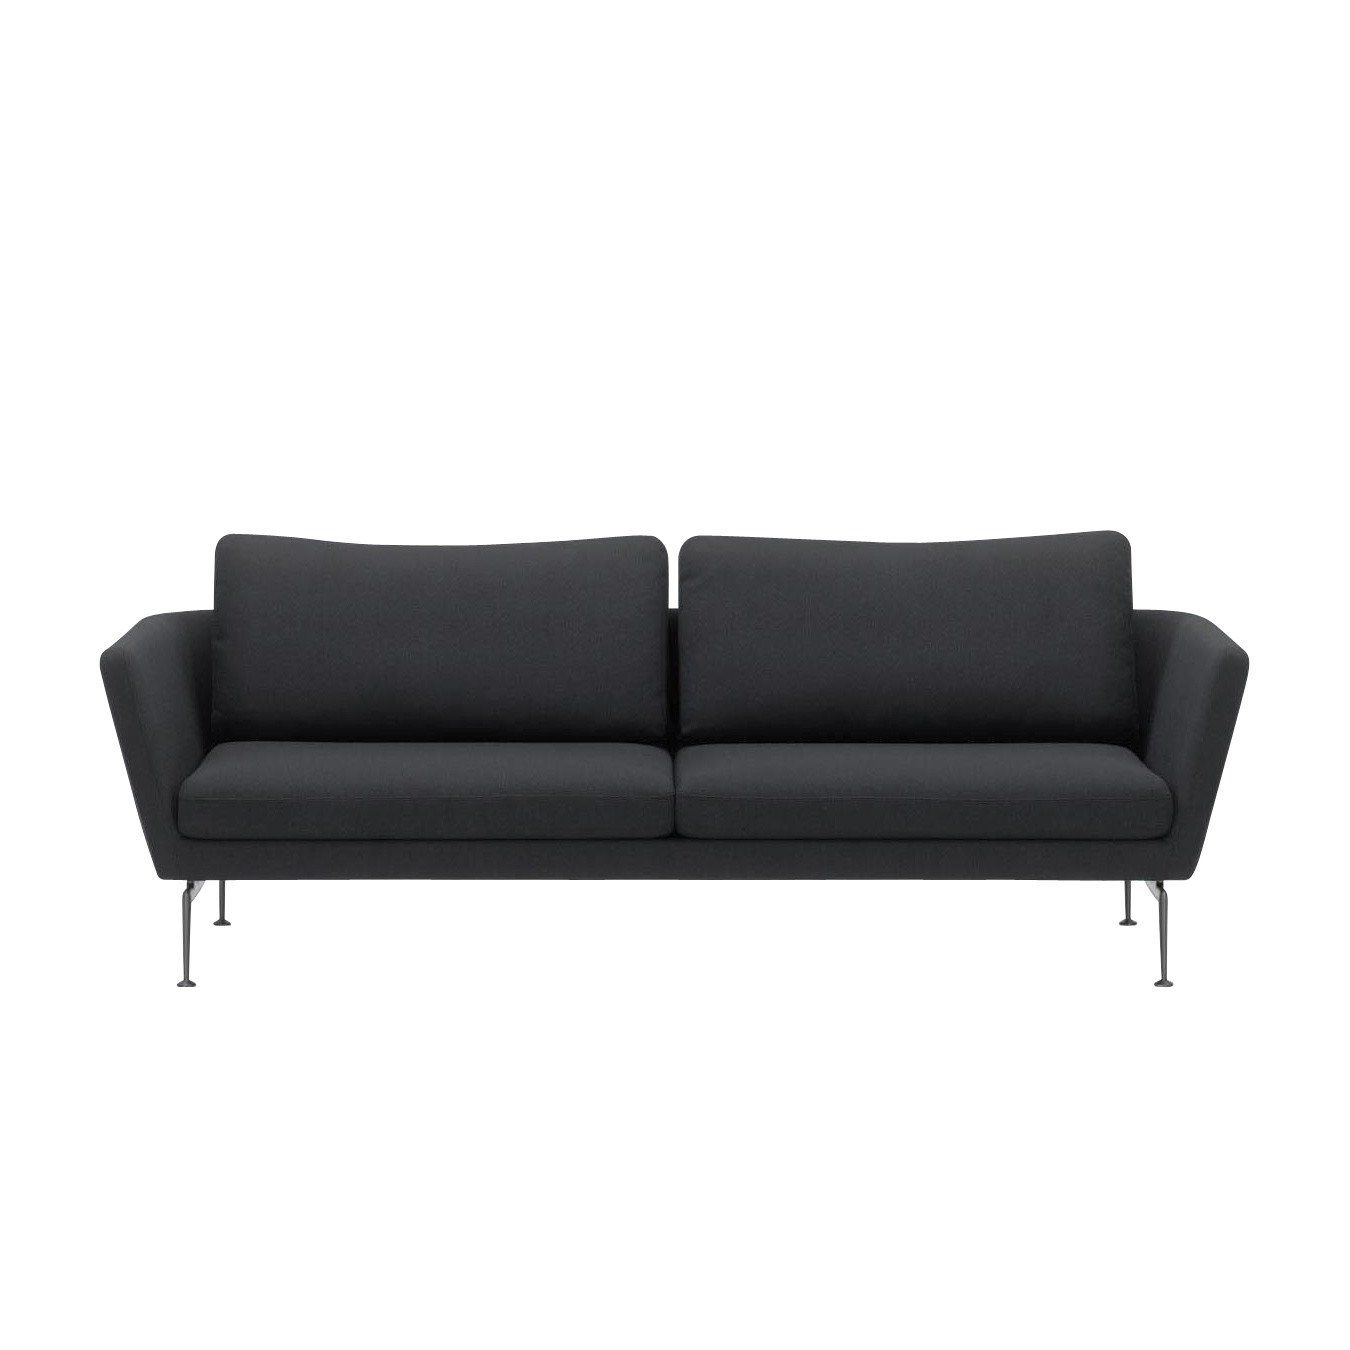 Suita Citterio 3-Sitzer Sofa | Vitra | AmbienteDirect.com